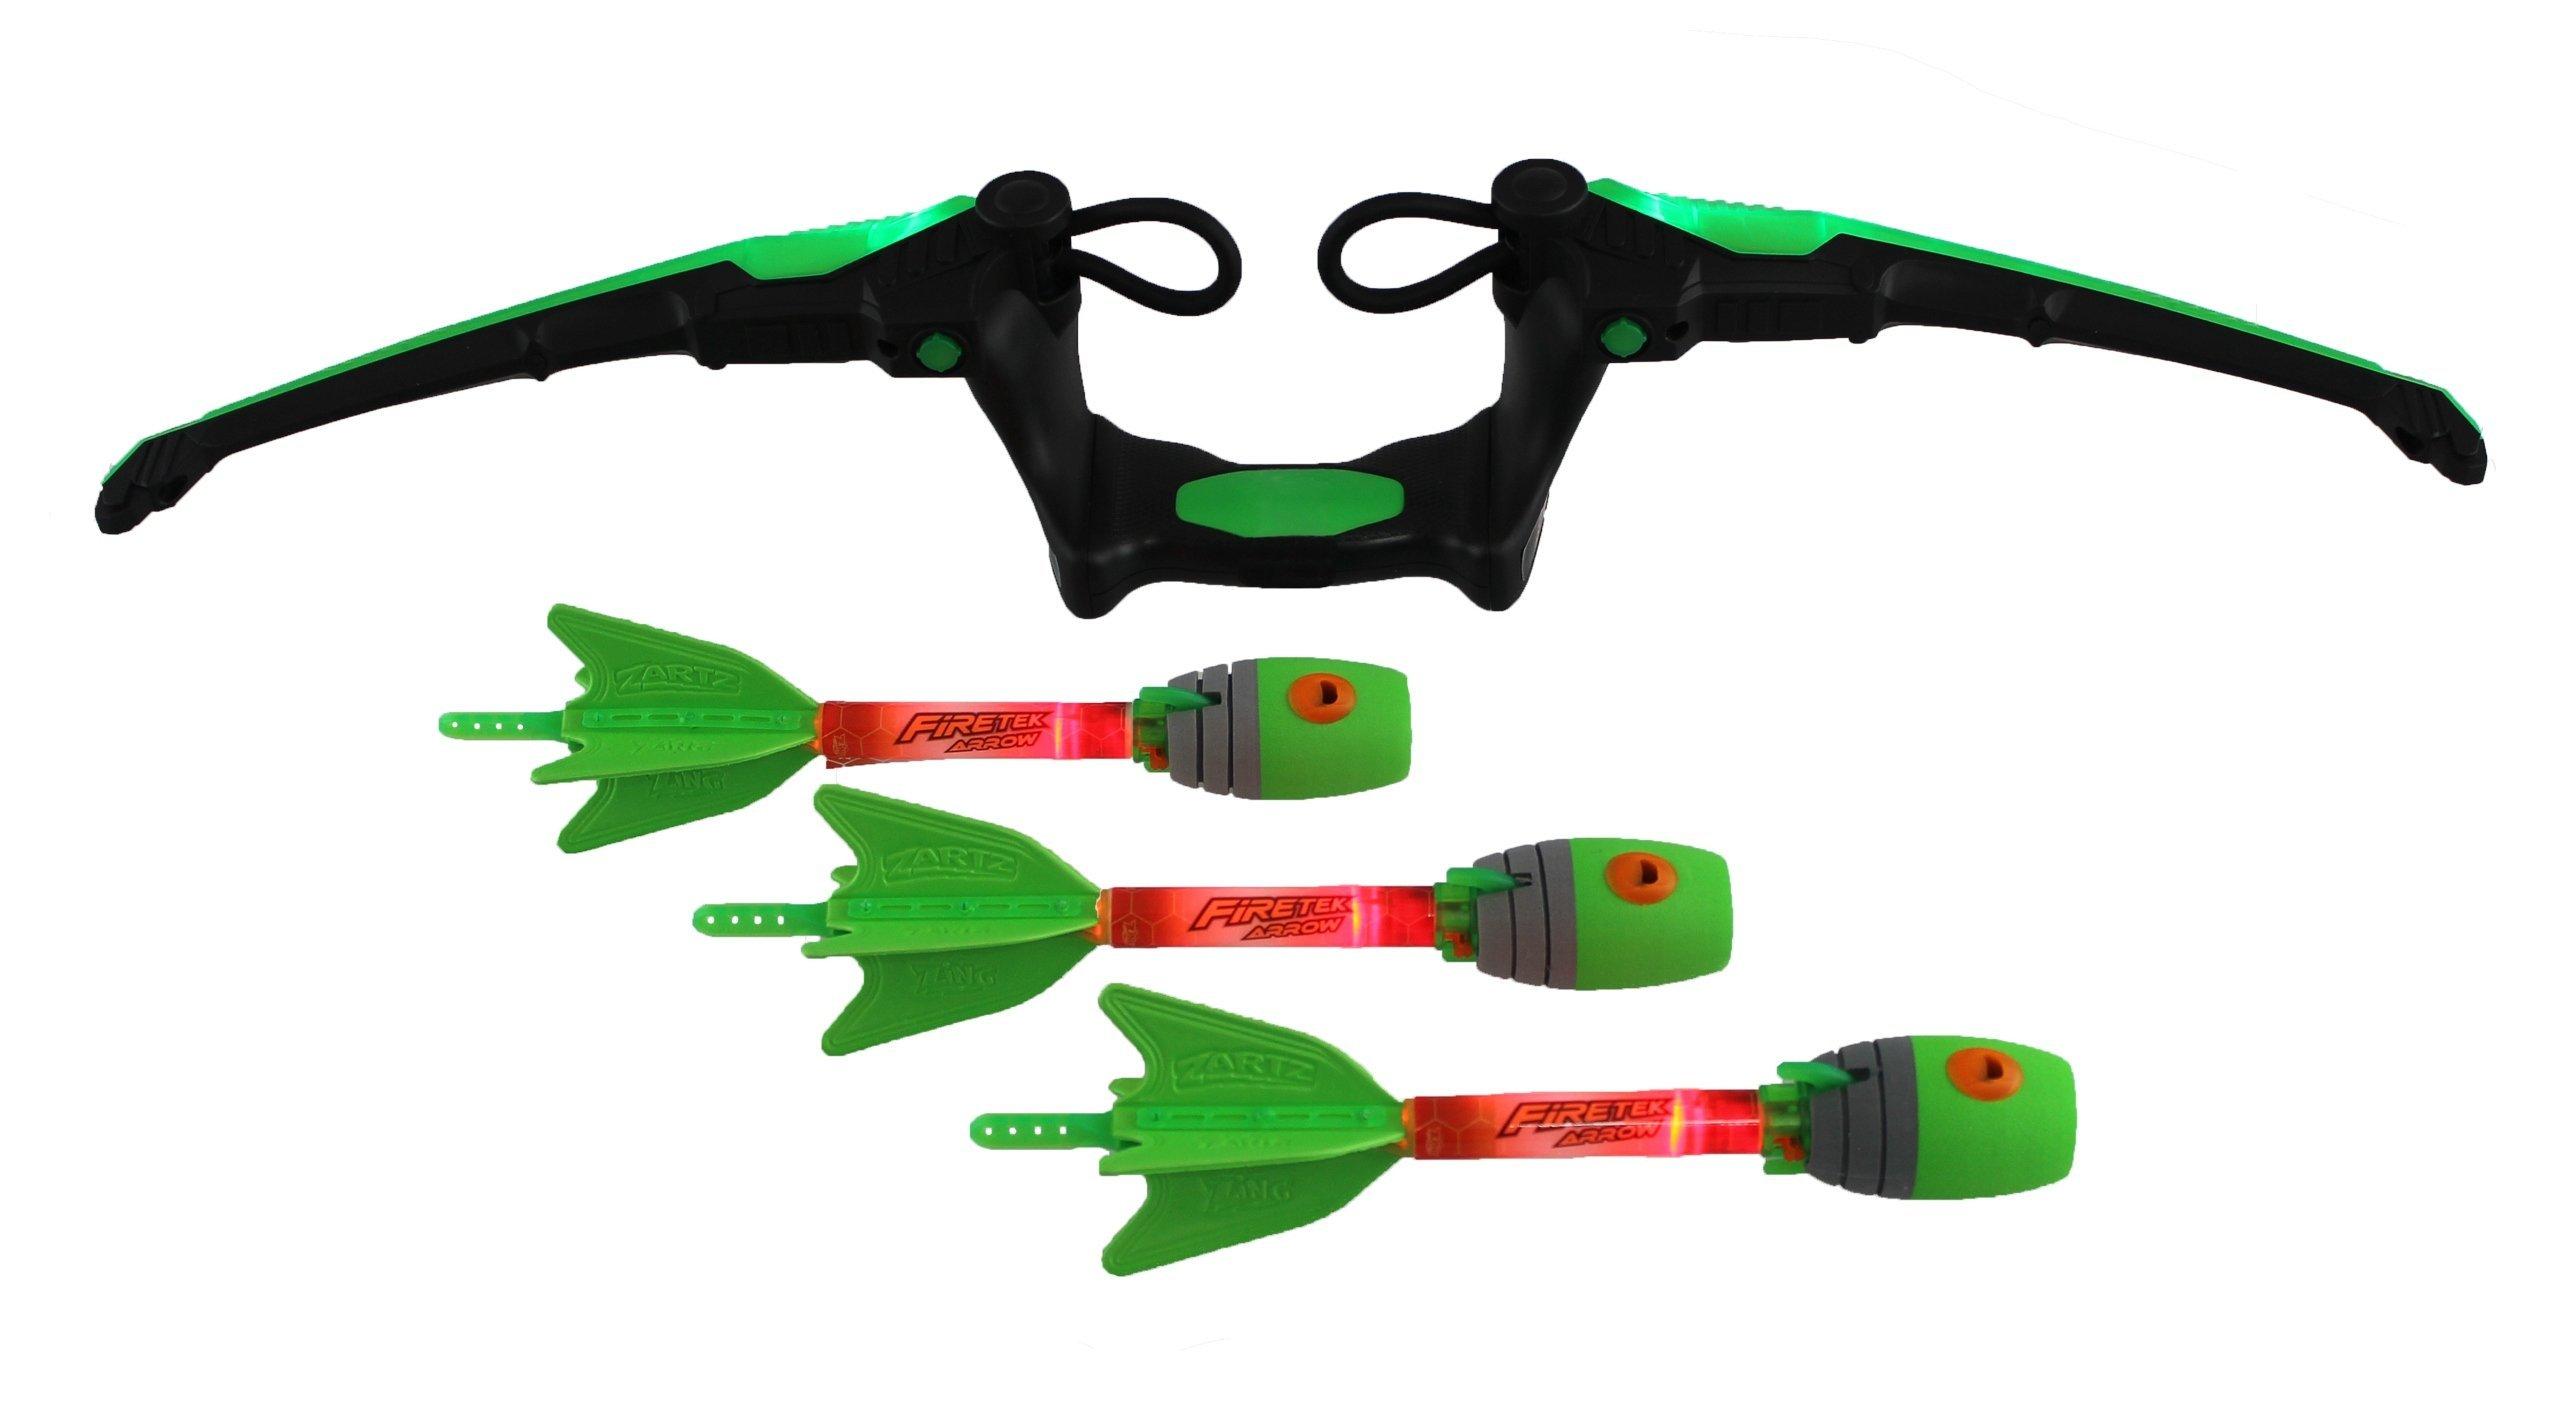 Zing Air Storm Fire Tek Bow, Green